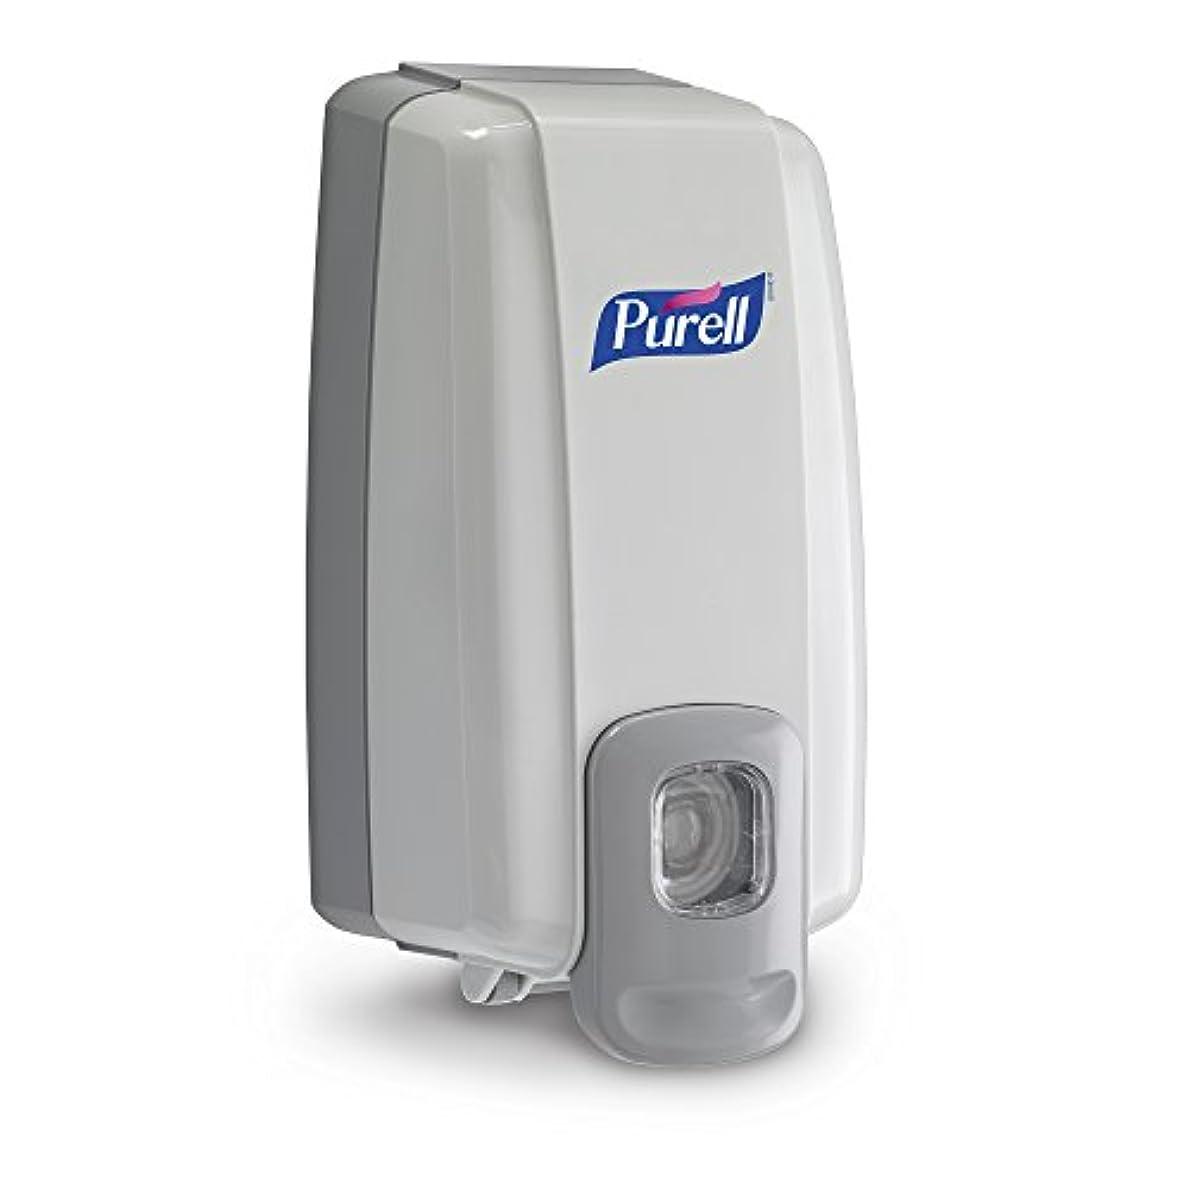 租界厄介な打倒NXT Instant Hand Sanitizer Dispenser, 1000ml, 5-1/8w x 4d x 10h, WE/Gray (並行輸入品)